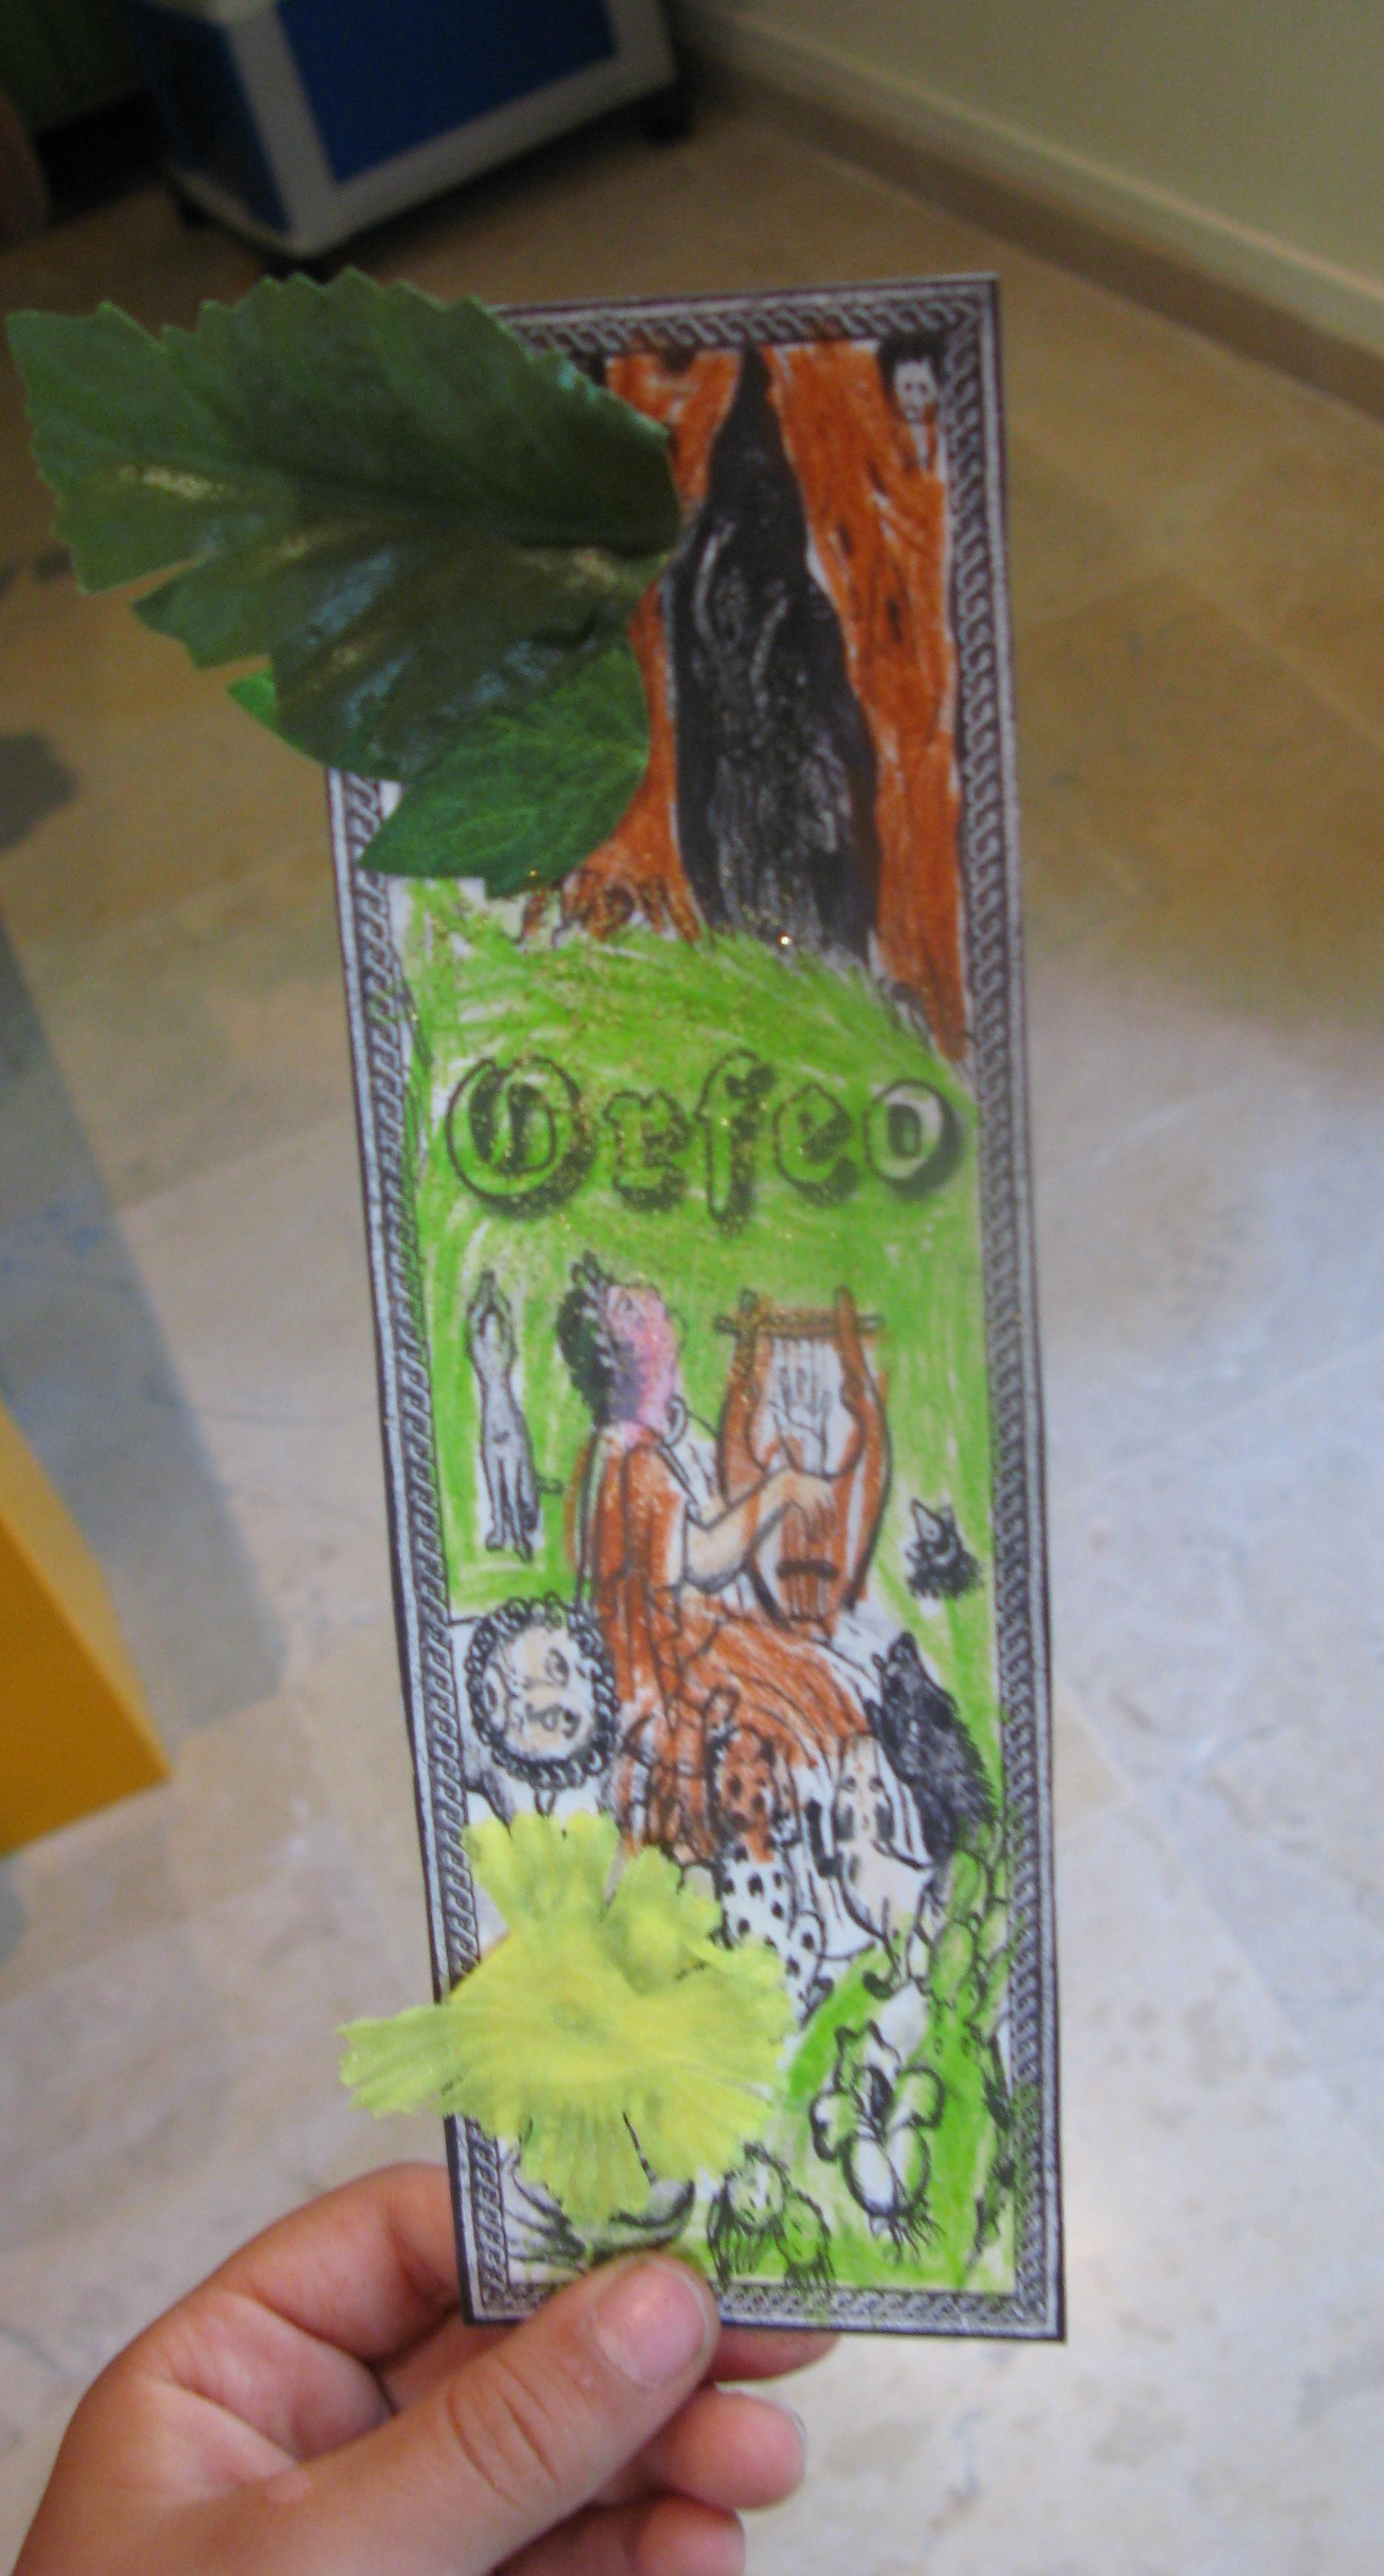 Introduccion al mundo de la musica antigua. Marca paginas de Orfeo en color.